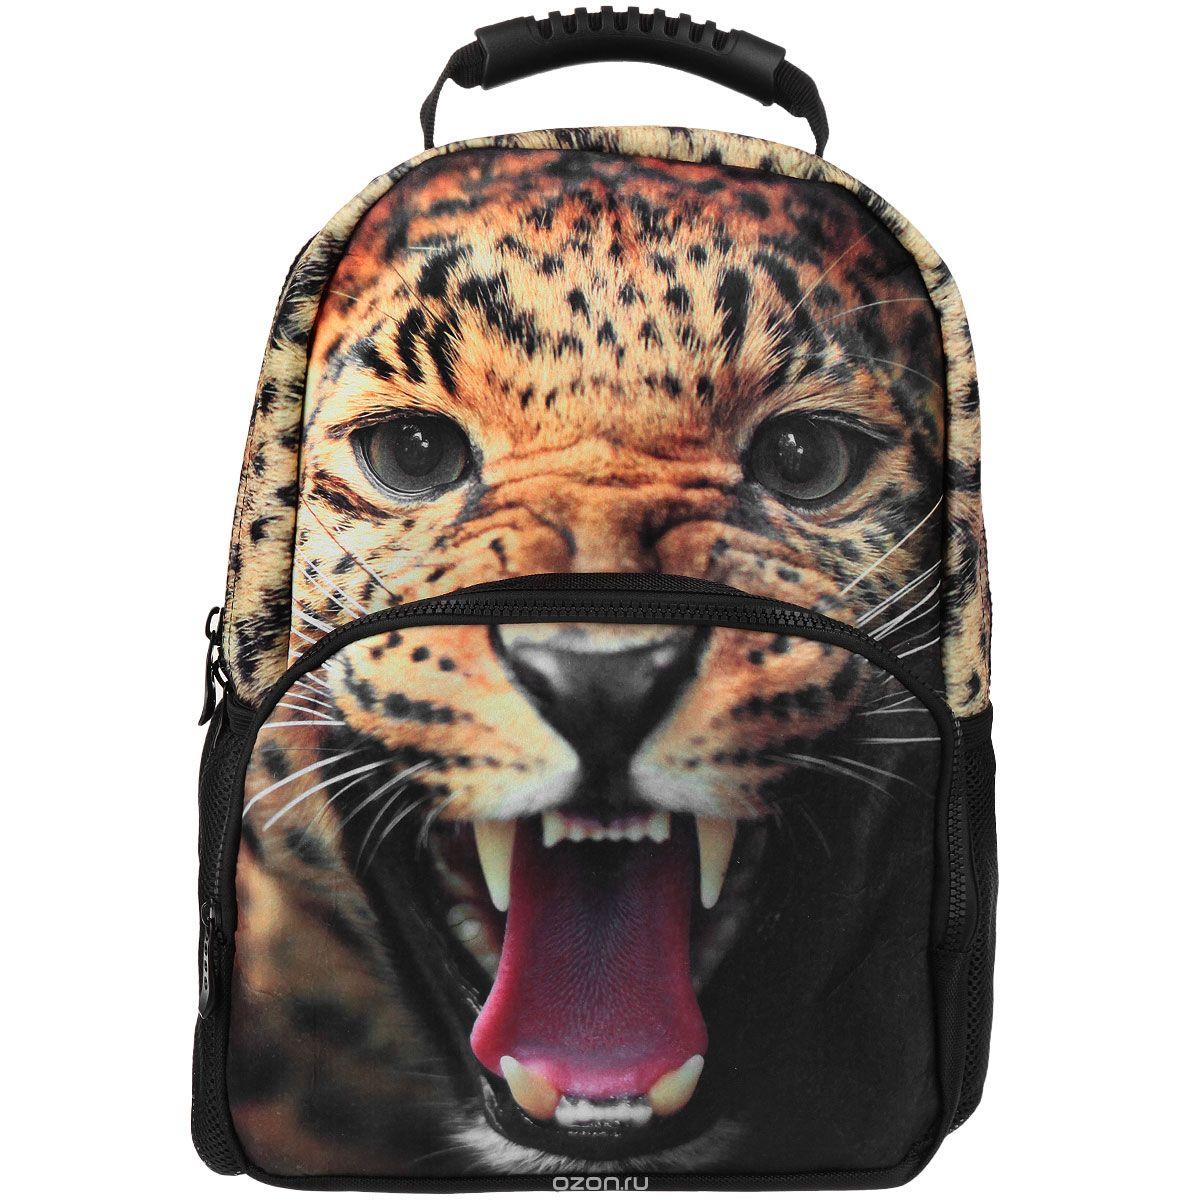 Рюкзак школьный Trend Line Leopard, цвет: черныйNR_00060Стильный школьный рюкзак Trend Line выполнен из полиэстера, дополнен вставкой из флиса, которая оформлена художественной печатью с изображением леопарда. Рюкзак имеет одно основное отделение, закрывающееся на застежку-молнию. Снаружи, на лицевой стороне, рюкзака размещен накладной карман на молнии, внутри которого предусмотрен еще один накладной карман на липучке. С двух сторон изделия расположены два накладных сетчатых кармашка. В верхней части изделия предусмотрена эргономичная ручка для переноски, а также предусмотрены регулируемые лямки. Такой рюкзак станет незаменимым спутником вашего ребенка в походах за знаниями.